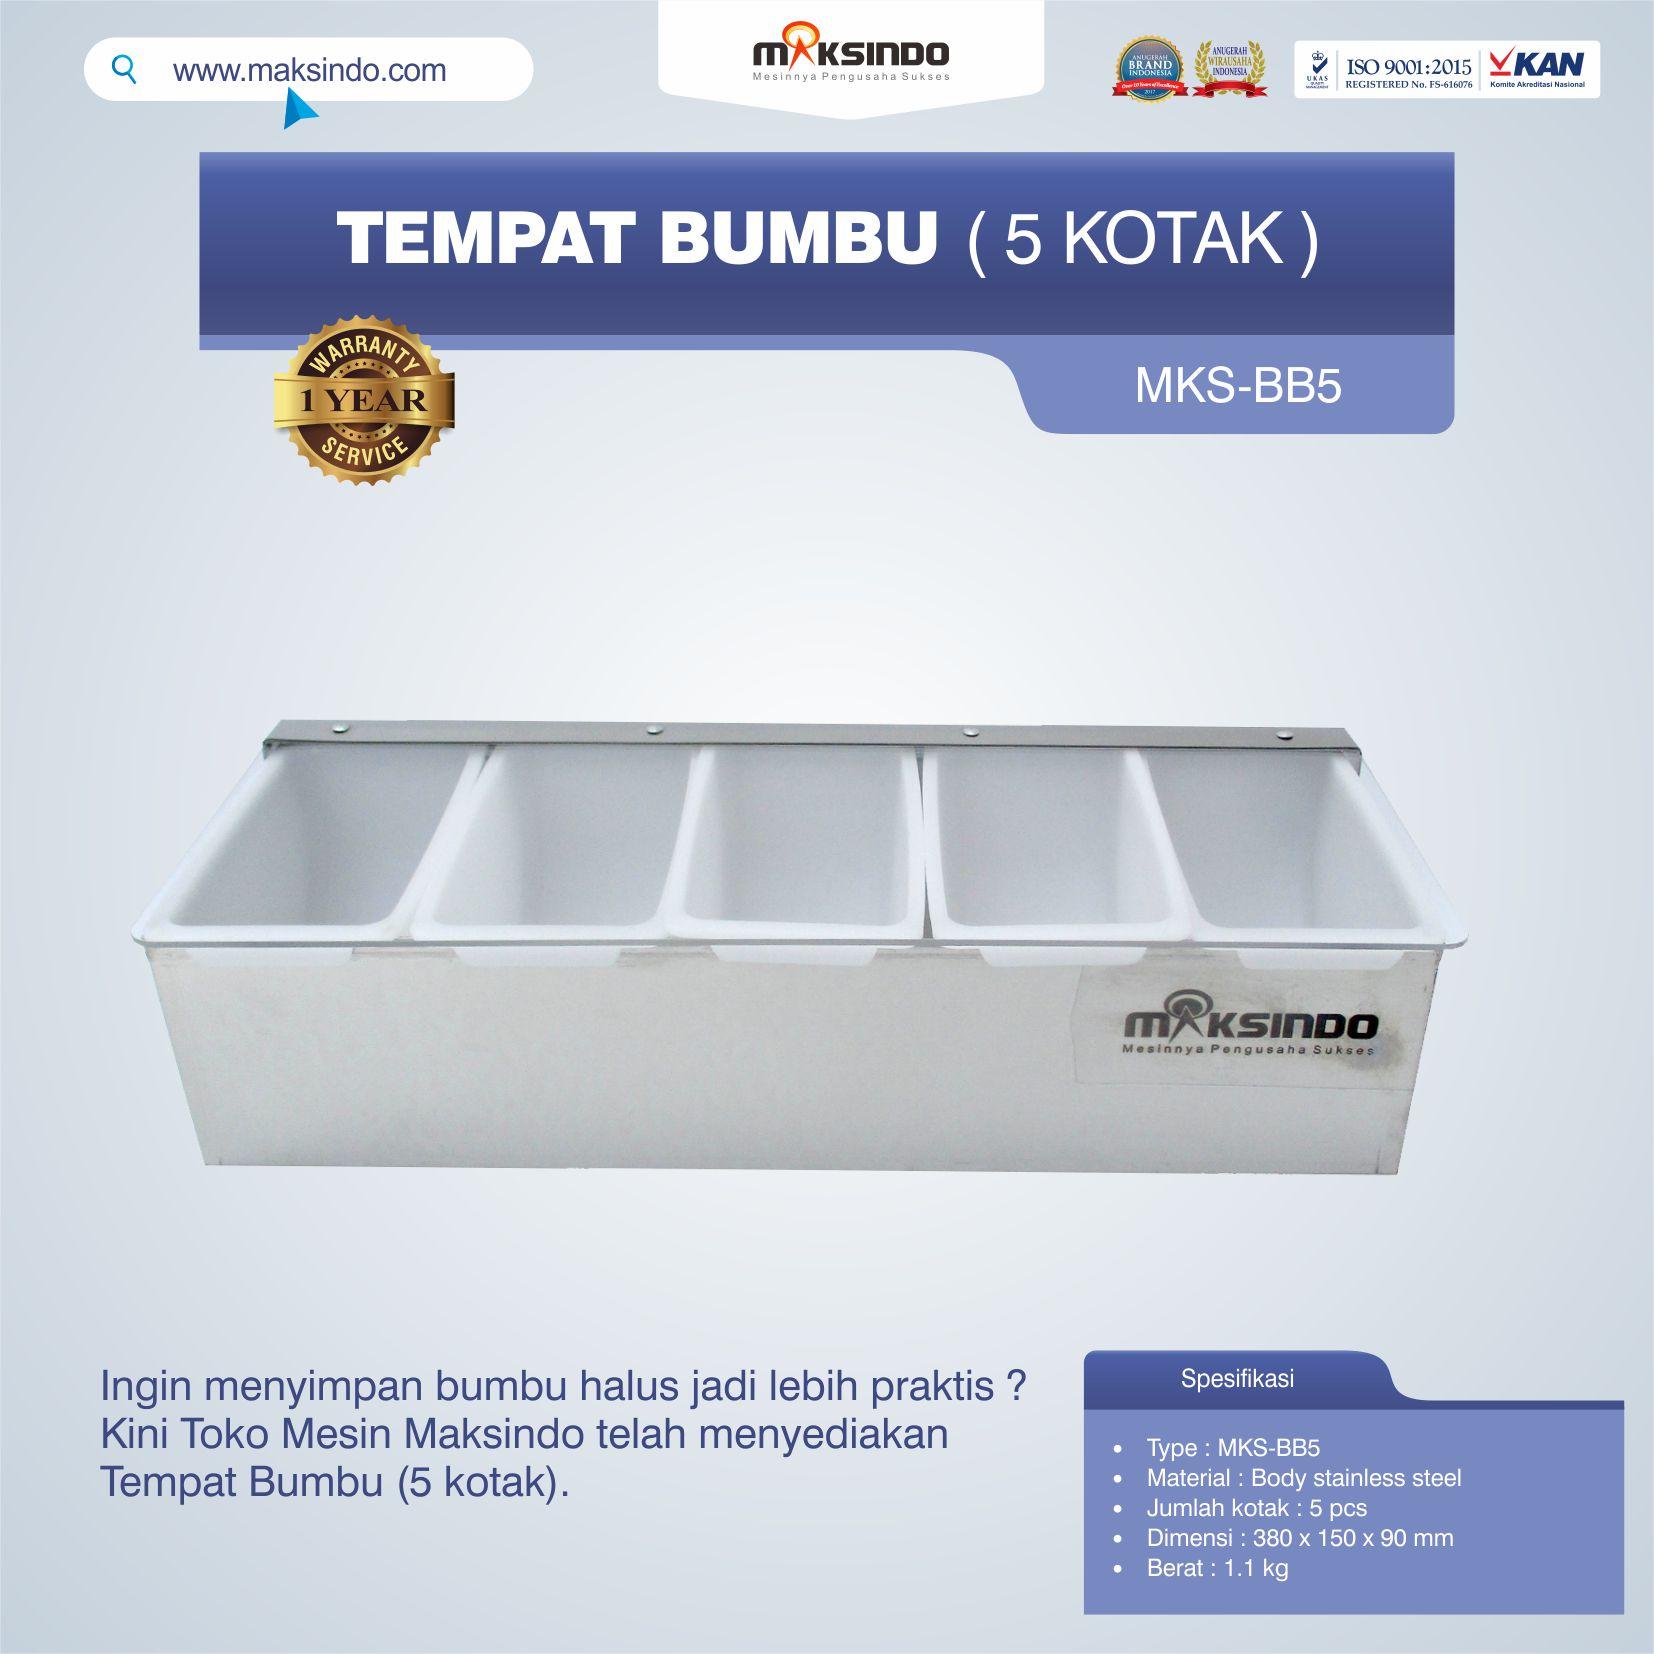 Jual Tempat Bumbu (5 kotak) di Semarang